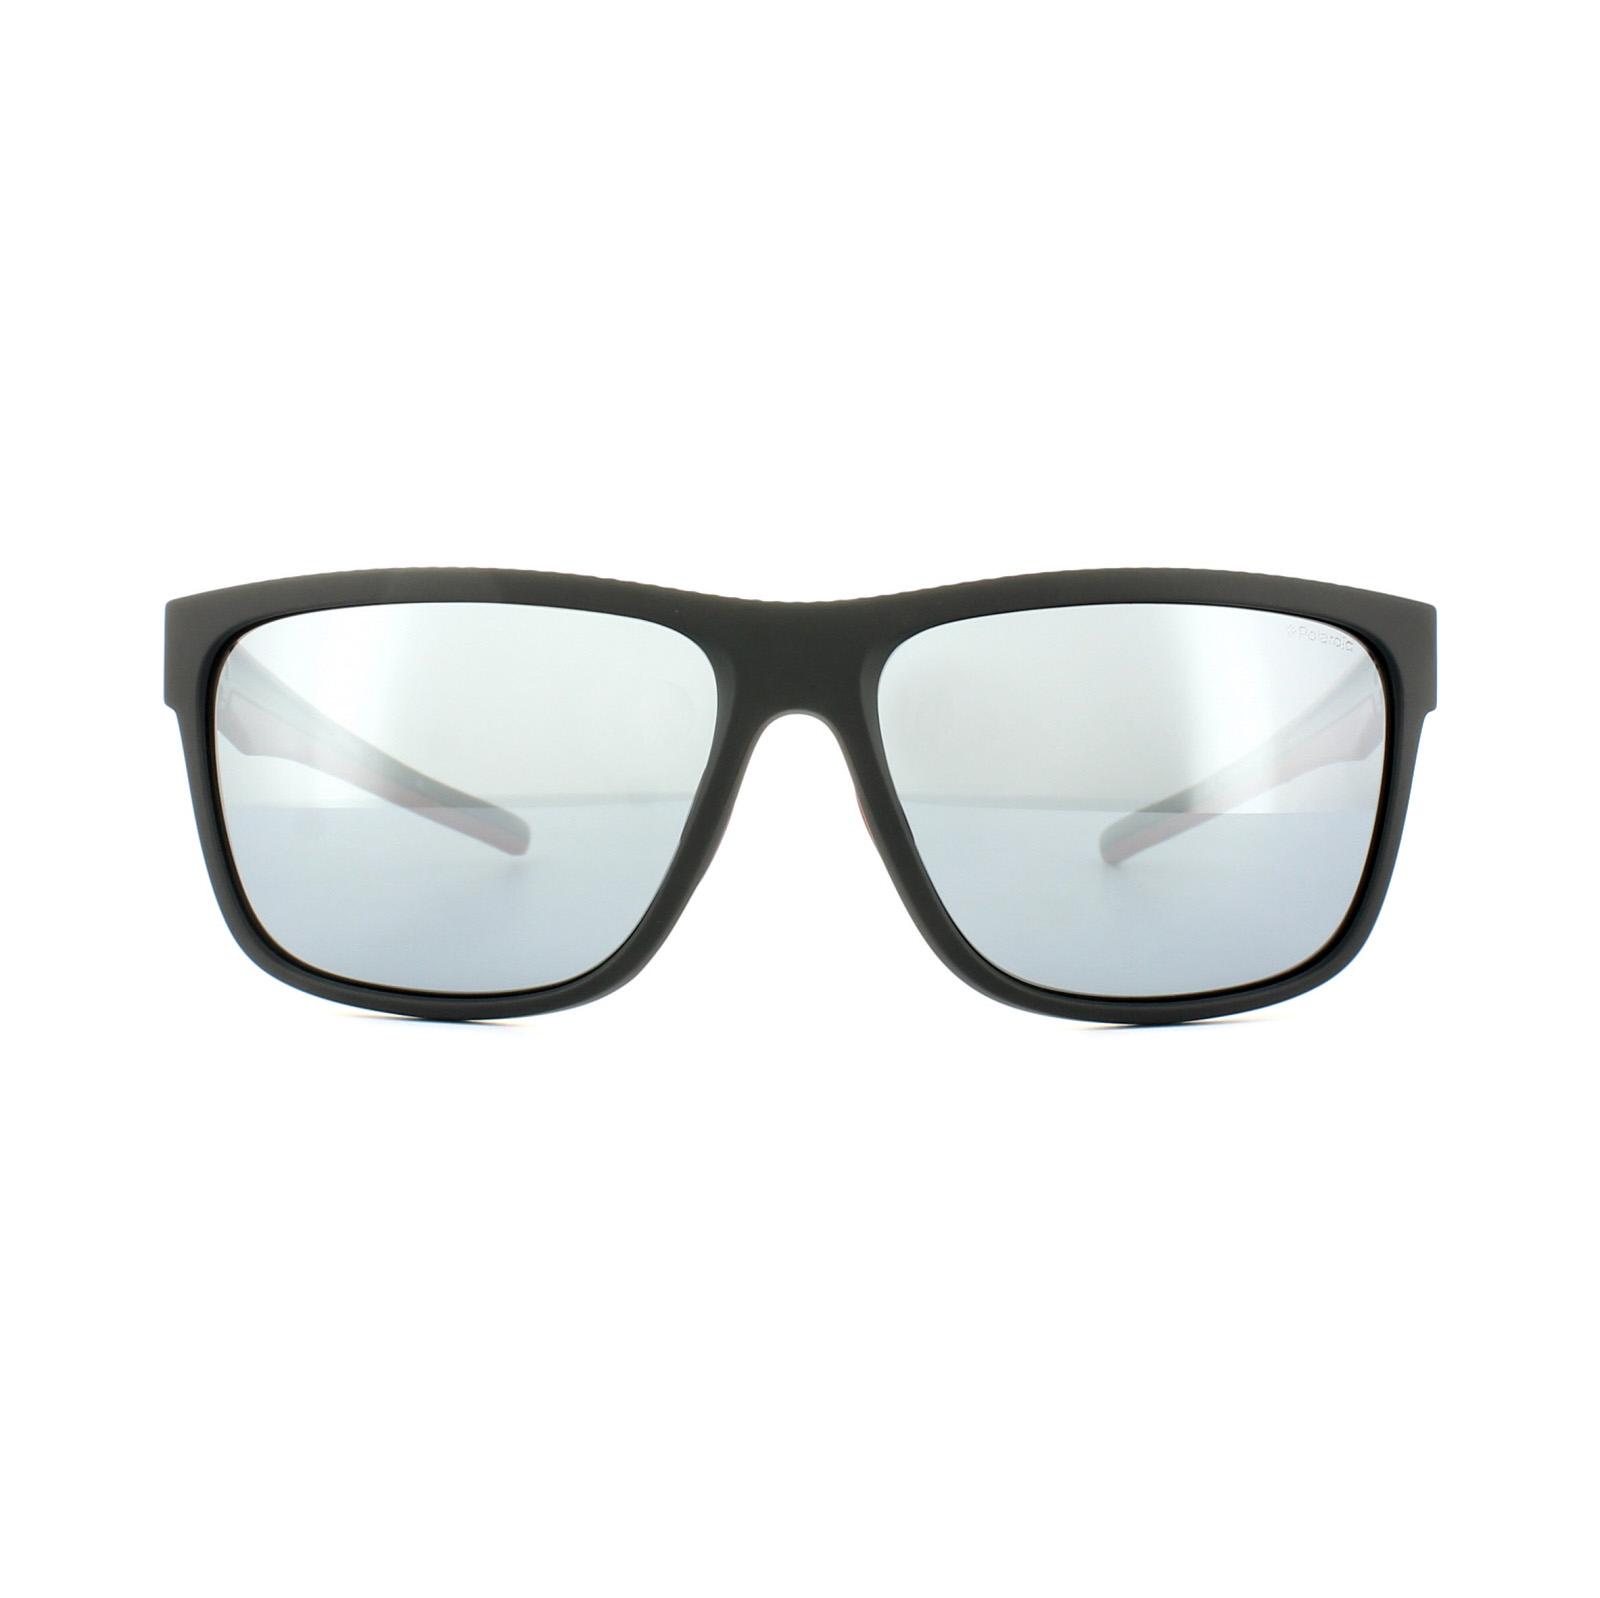 Polaroid sport occhiali da sole pld 7014 s oit ex nero - Specchio polarizzato ...